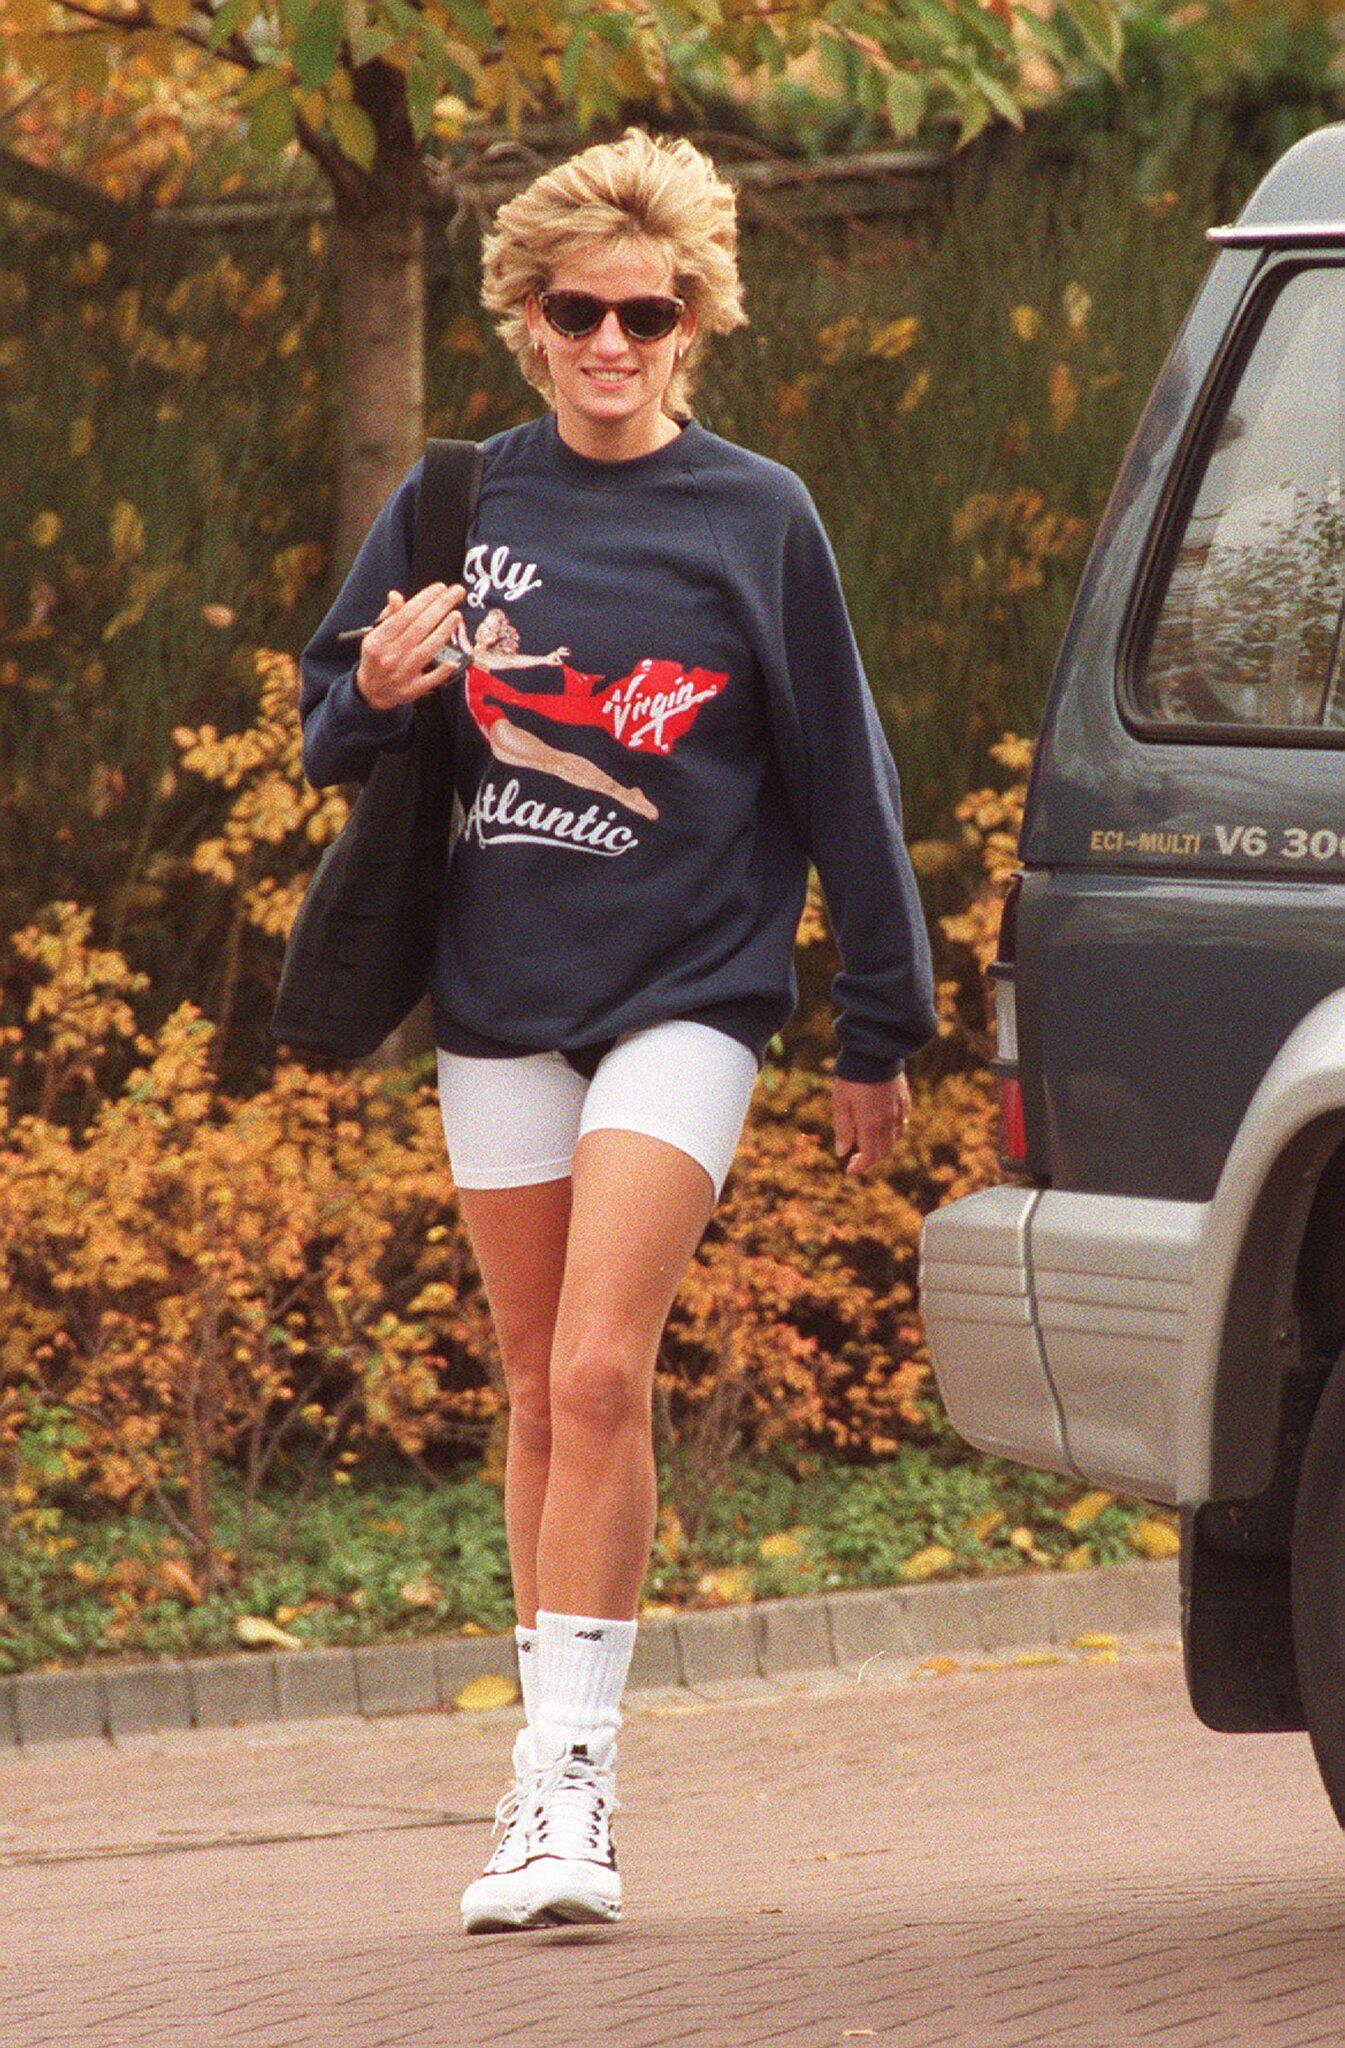 Bild zu Sweatshirt von Prinzessin Diana in den USA teuer versteigert